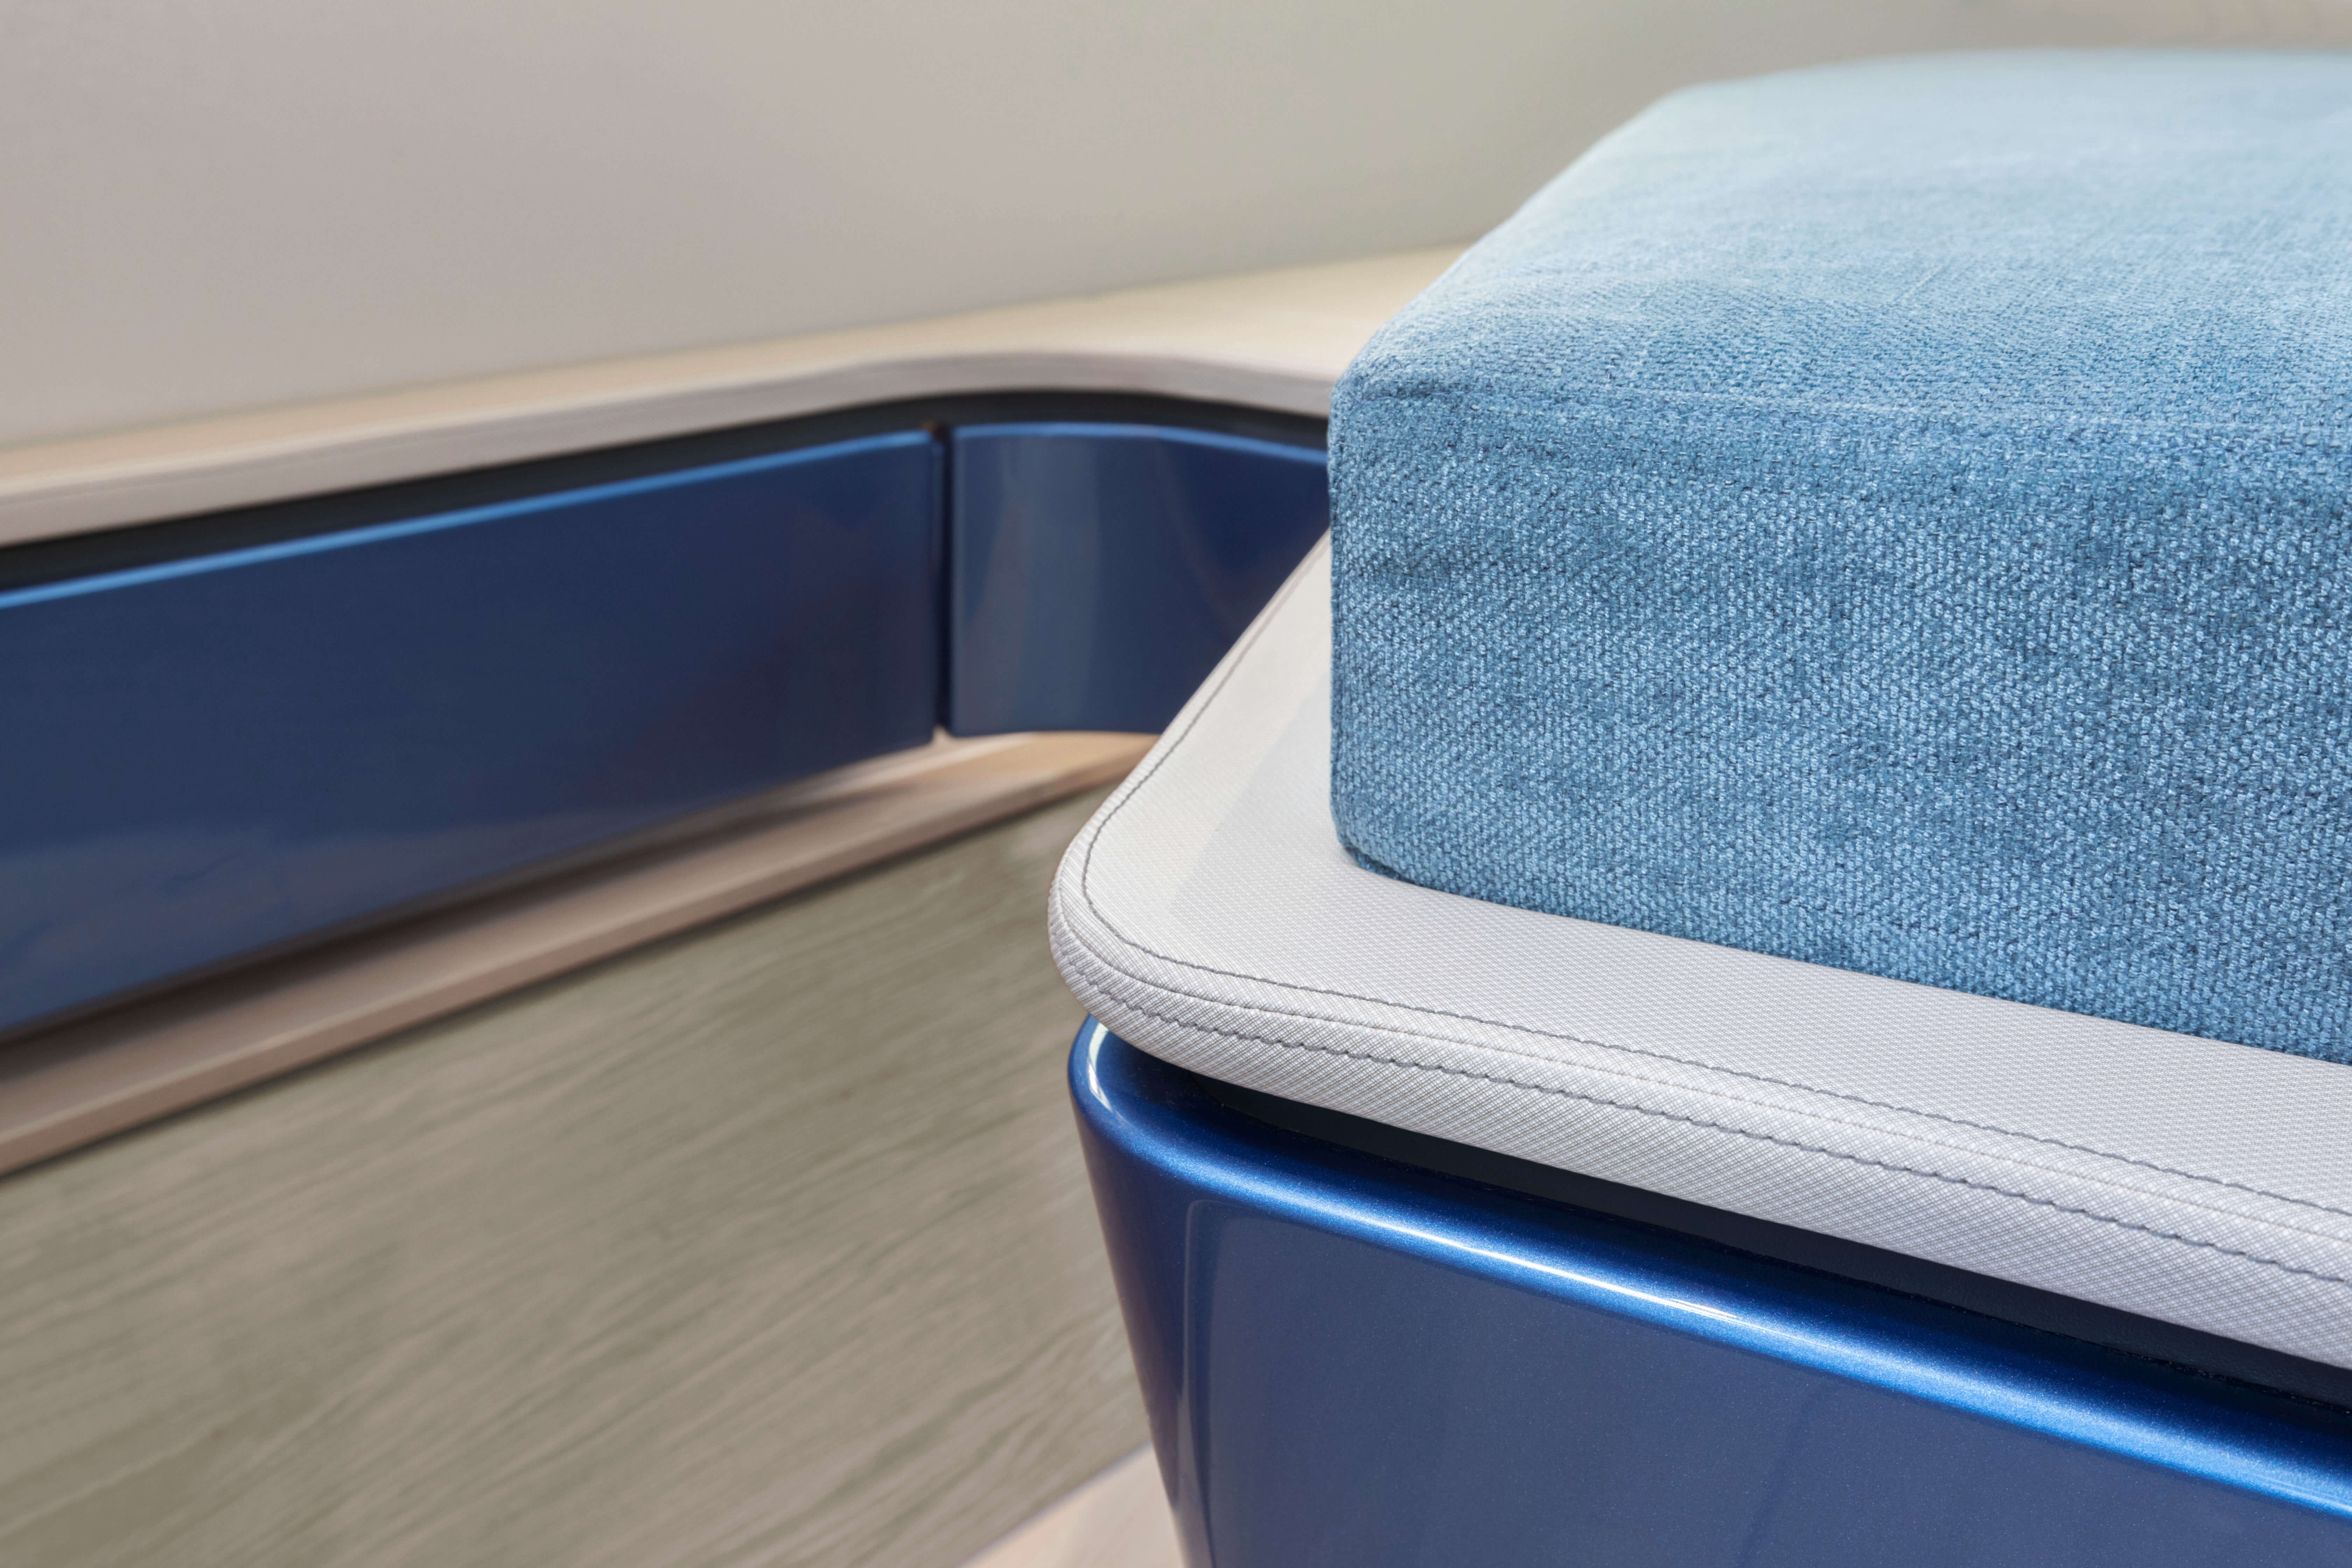 FJORD 41 XL cabina armatore | I vari stili di interior design hanno ciascuno il proprio mix di colori e materiali coordinati. | Fjord